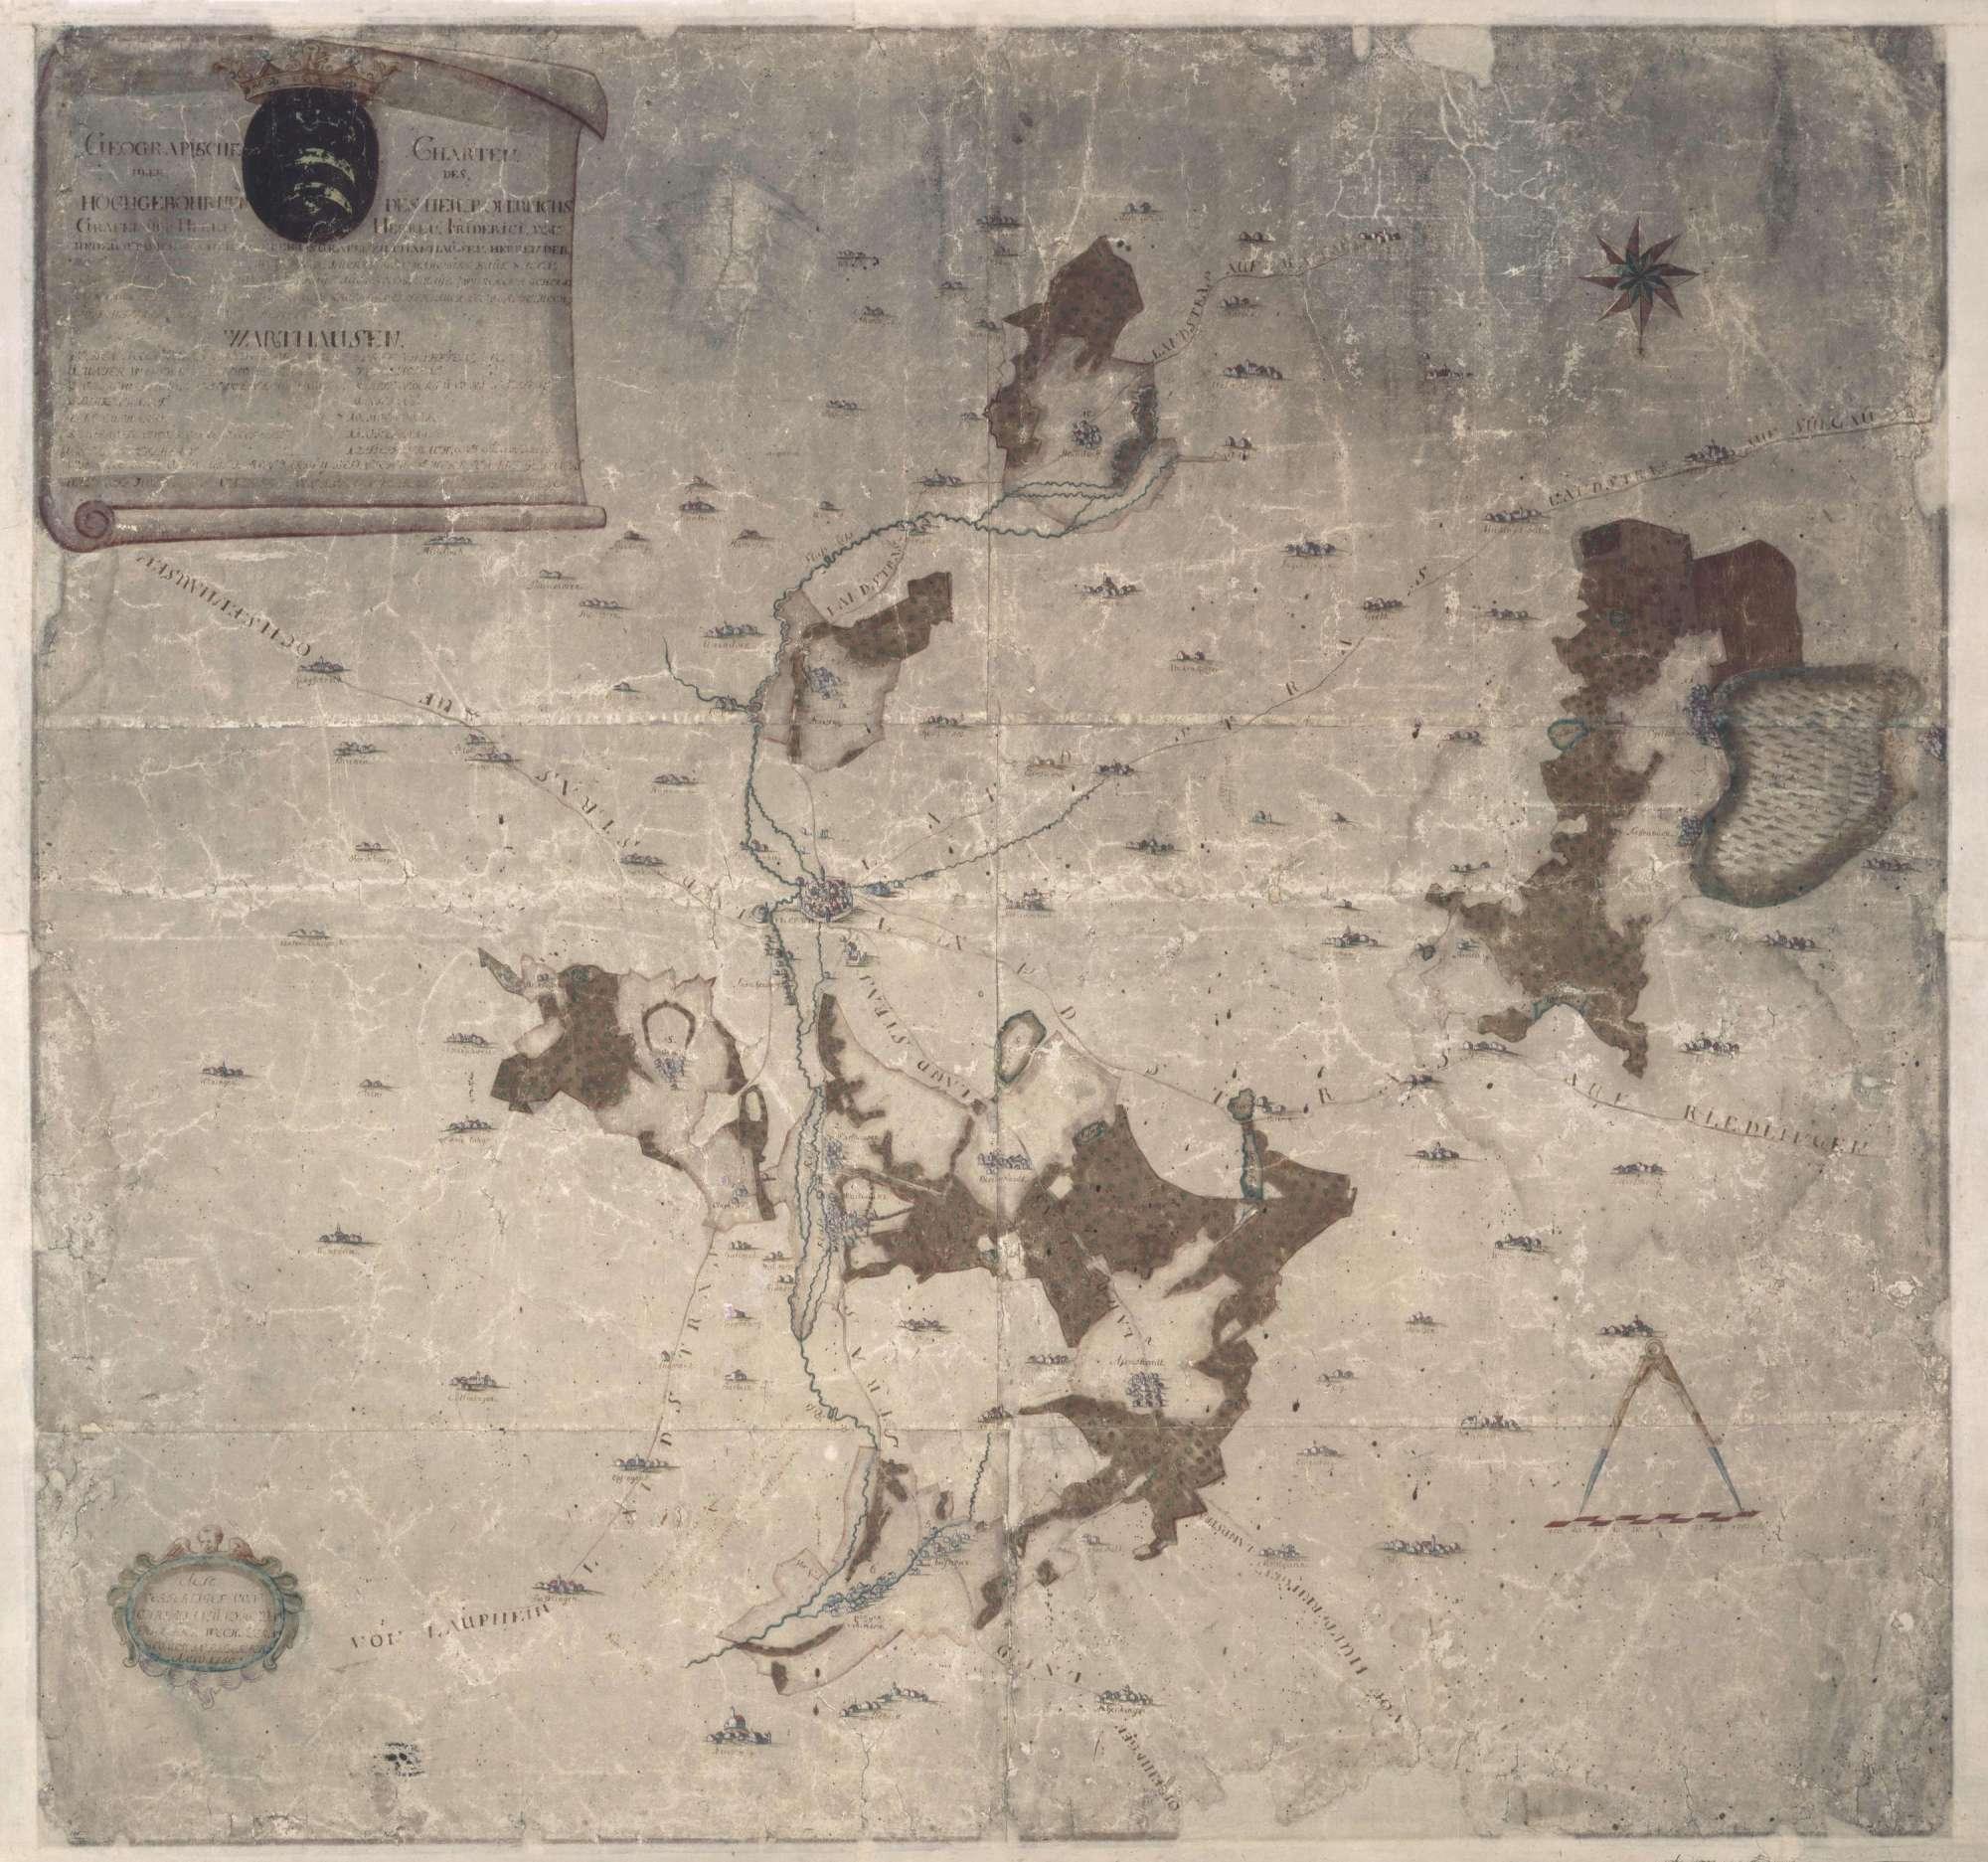 """""""Geographische Charte über des hochwohlgebohrnen (...) Grafen und Herrn, Herrn Friederici von und zu Stadion (...) Herrschaft Warthausen"""" (Schrift teilweise unleserlich, da verblasst), Bild 1"""